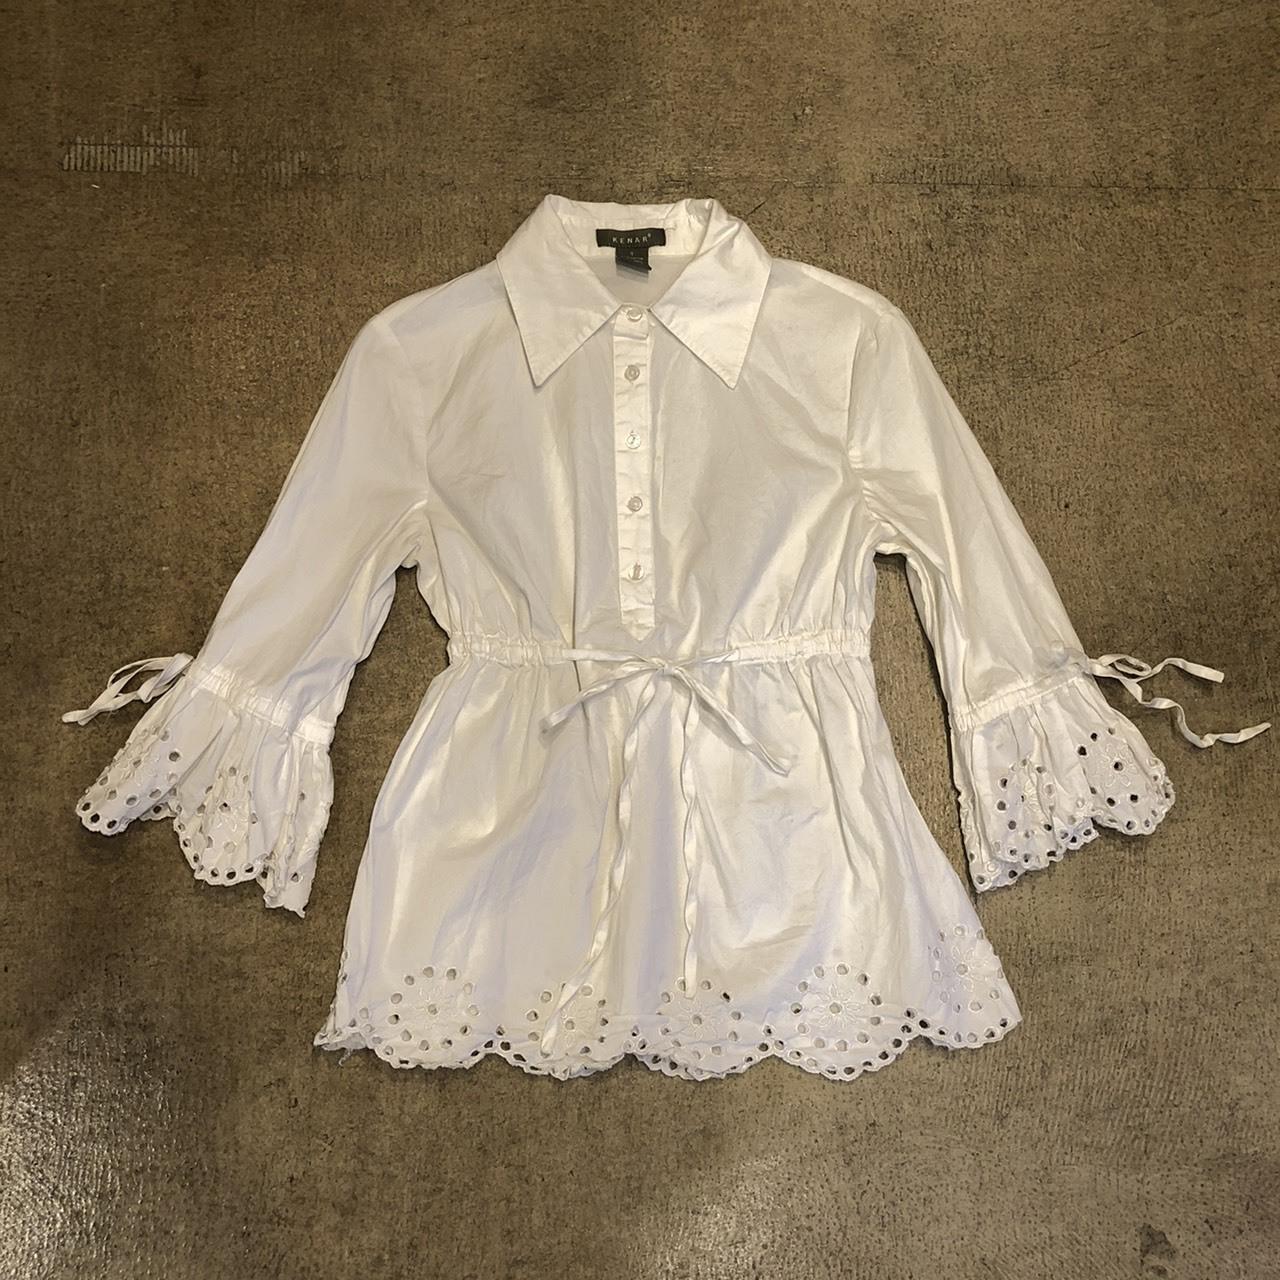 Kenar Lace Blouse ¥5,400+tax